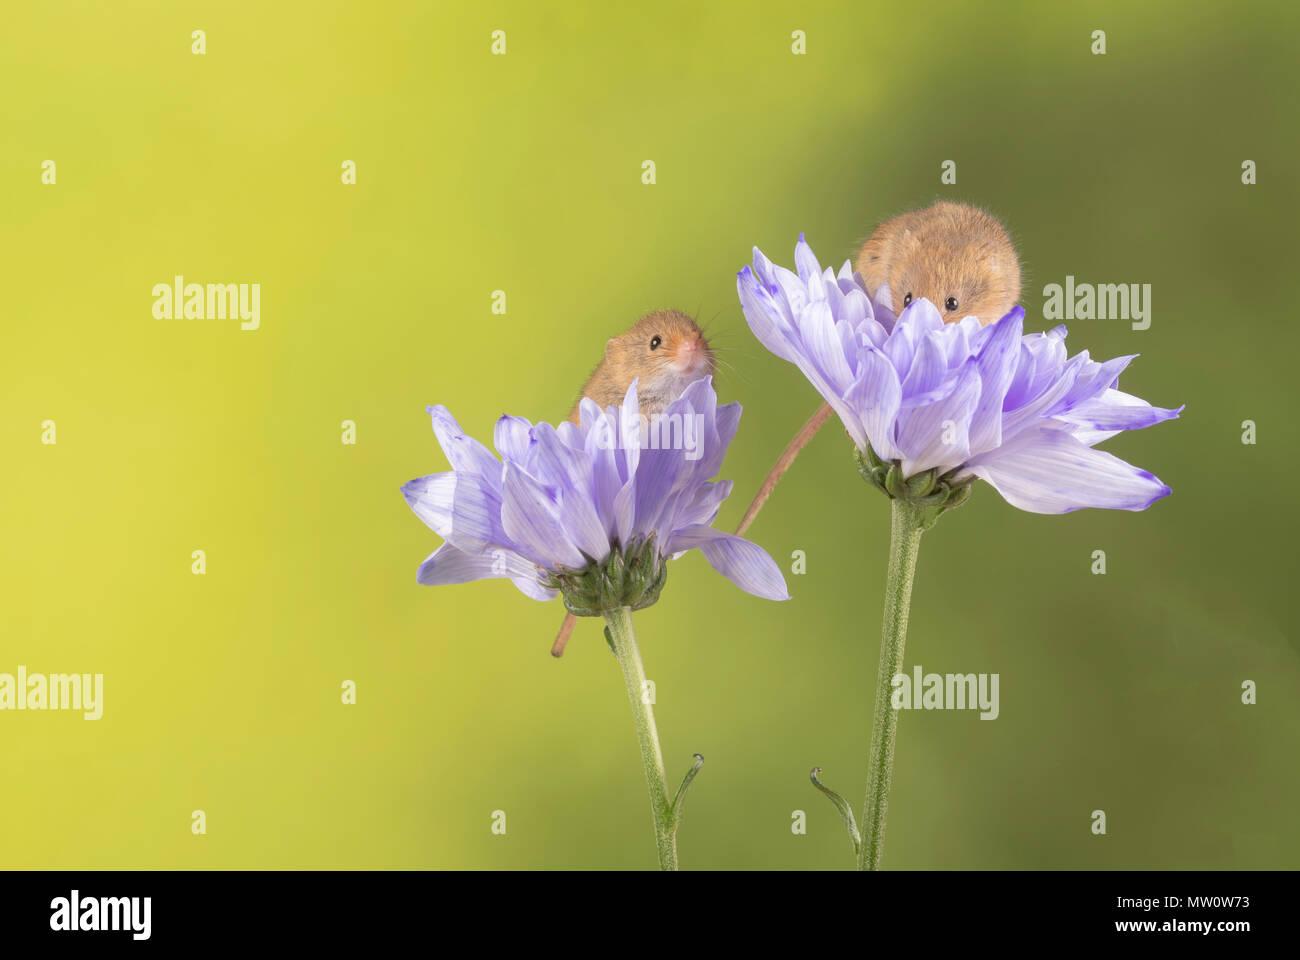 Ernte Mäuse auf einem lila Chrysantheme in s studio Einstellung Stockbild